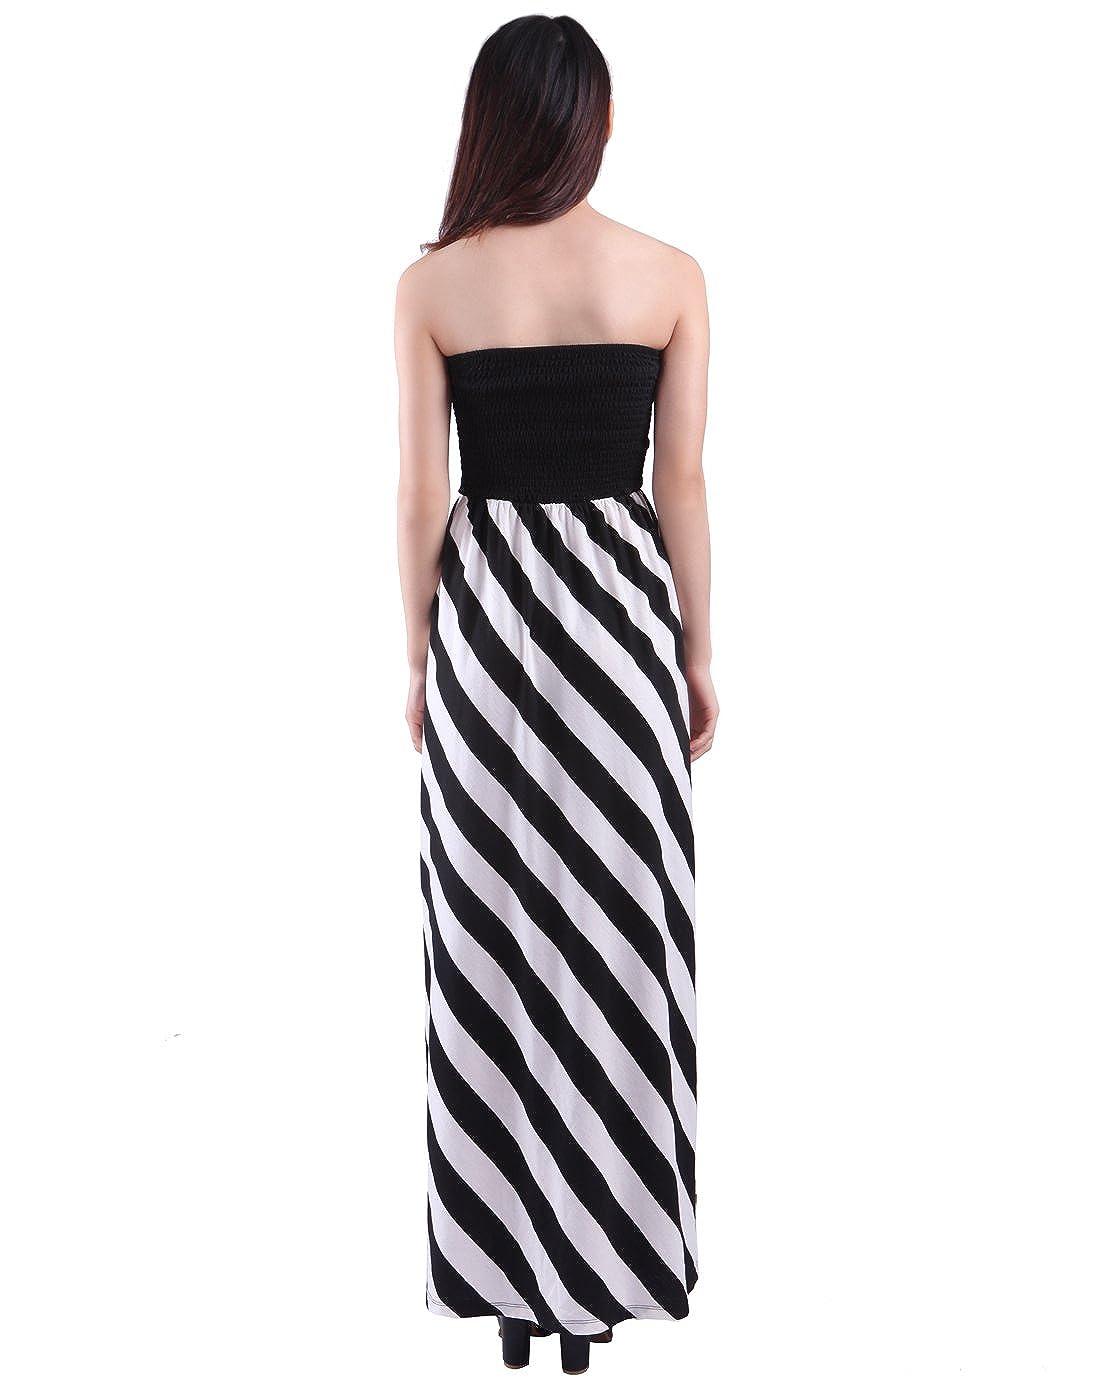 4d02c0322f8ce HDE Women's Maternity Dress Strapless Tube Top Pregnancy Sundress Long  Skirt at Amazon Women's Clothing store: